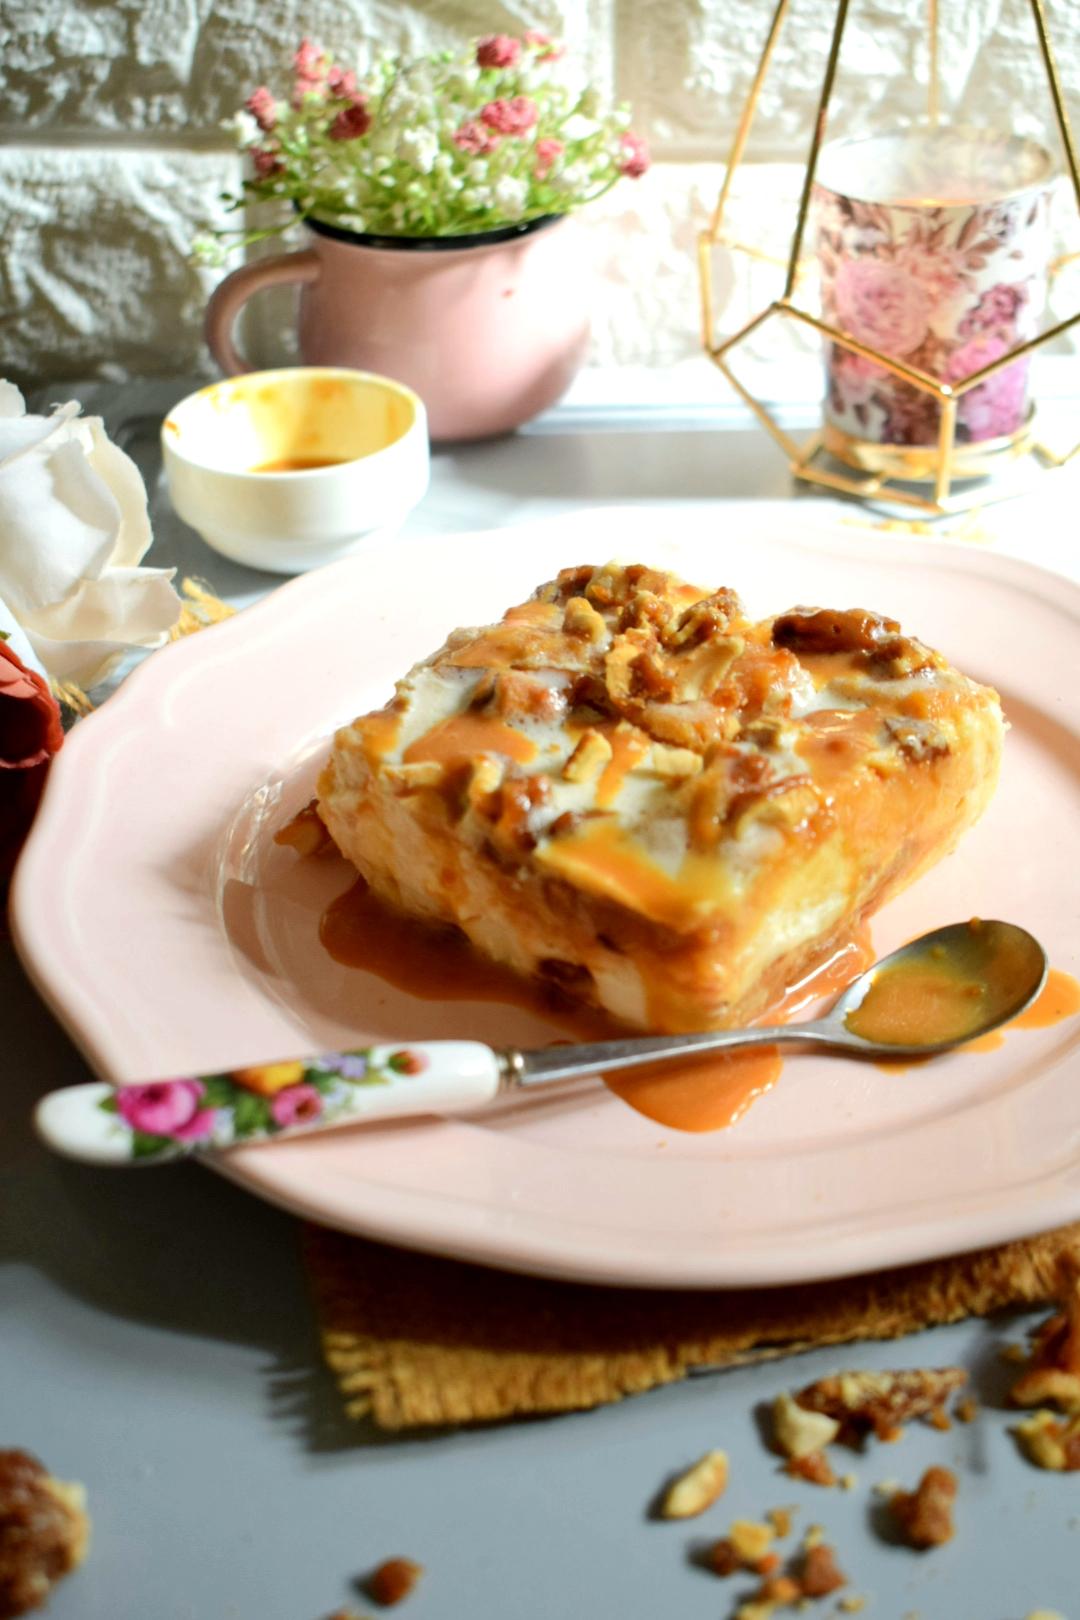 Coconut Caramel Fudge Pudding